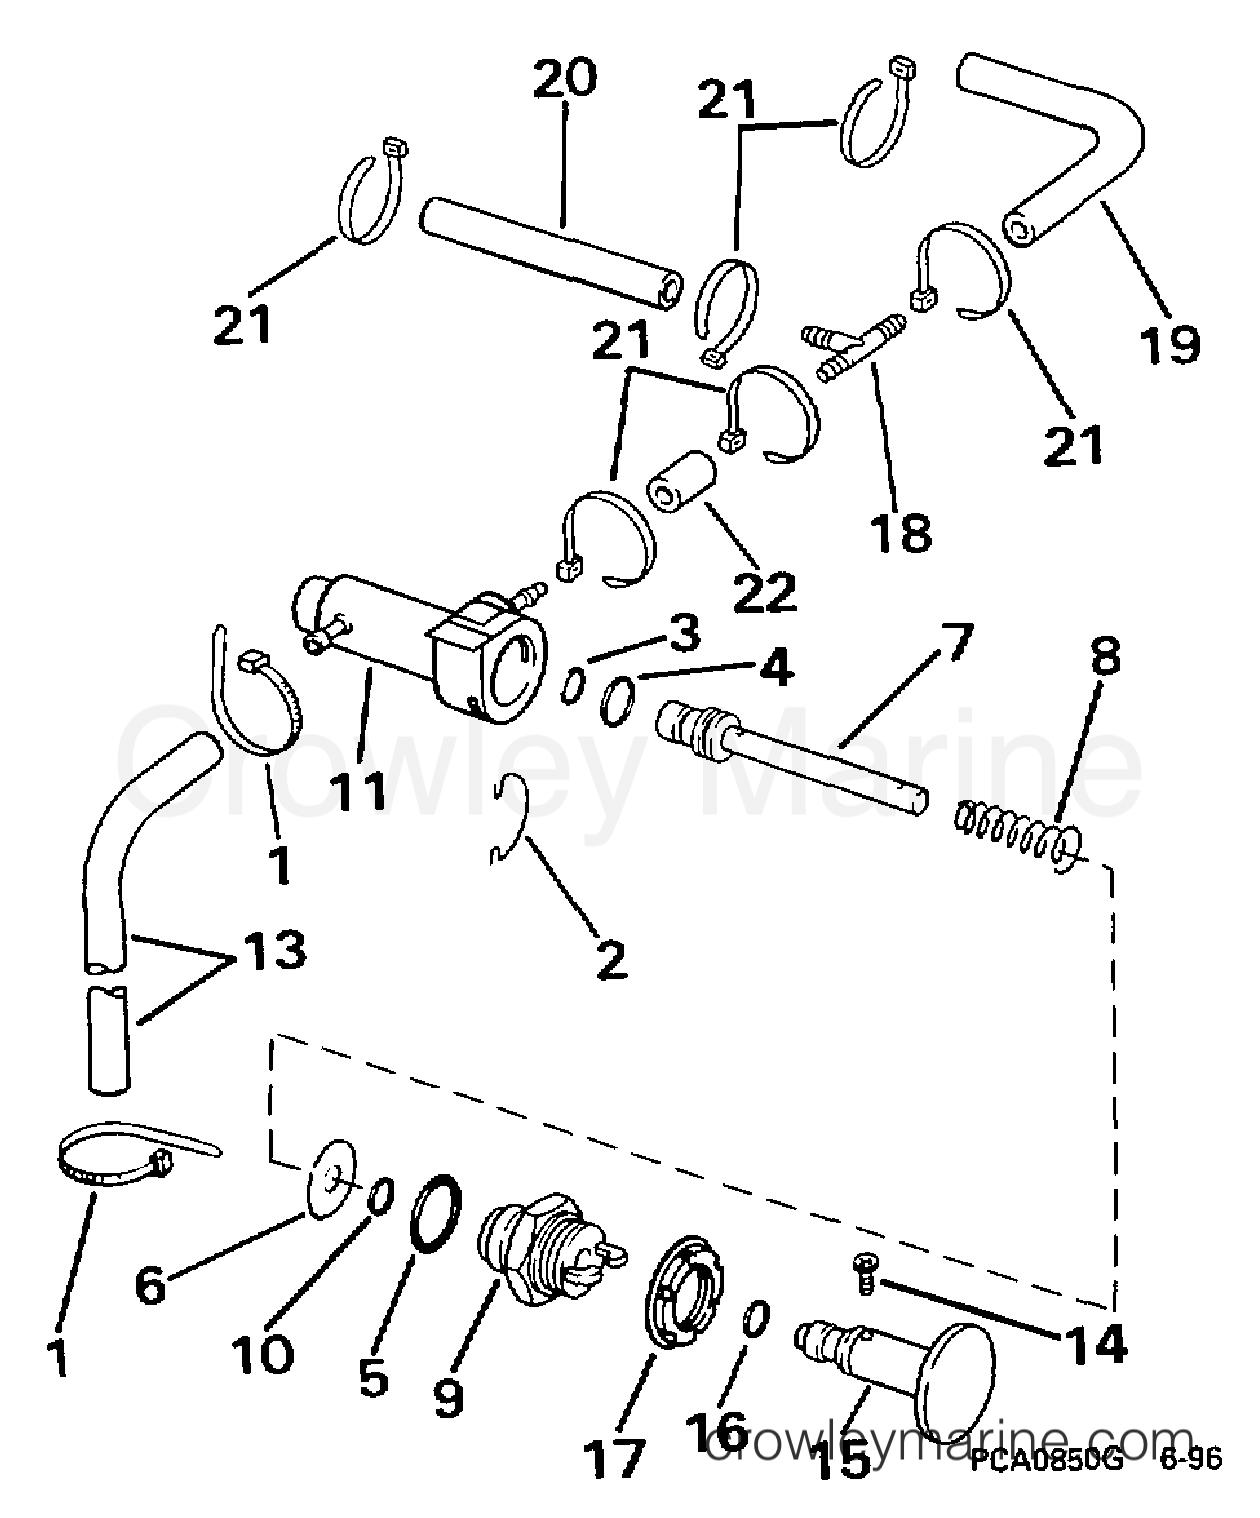 1997 Evinrude Outboards 18 - B25JREUR PRIMER SYSTEM section